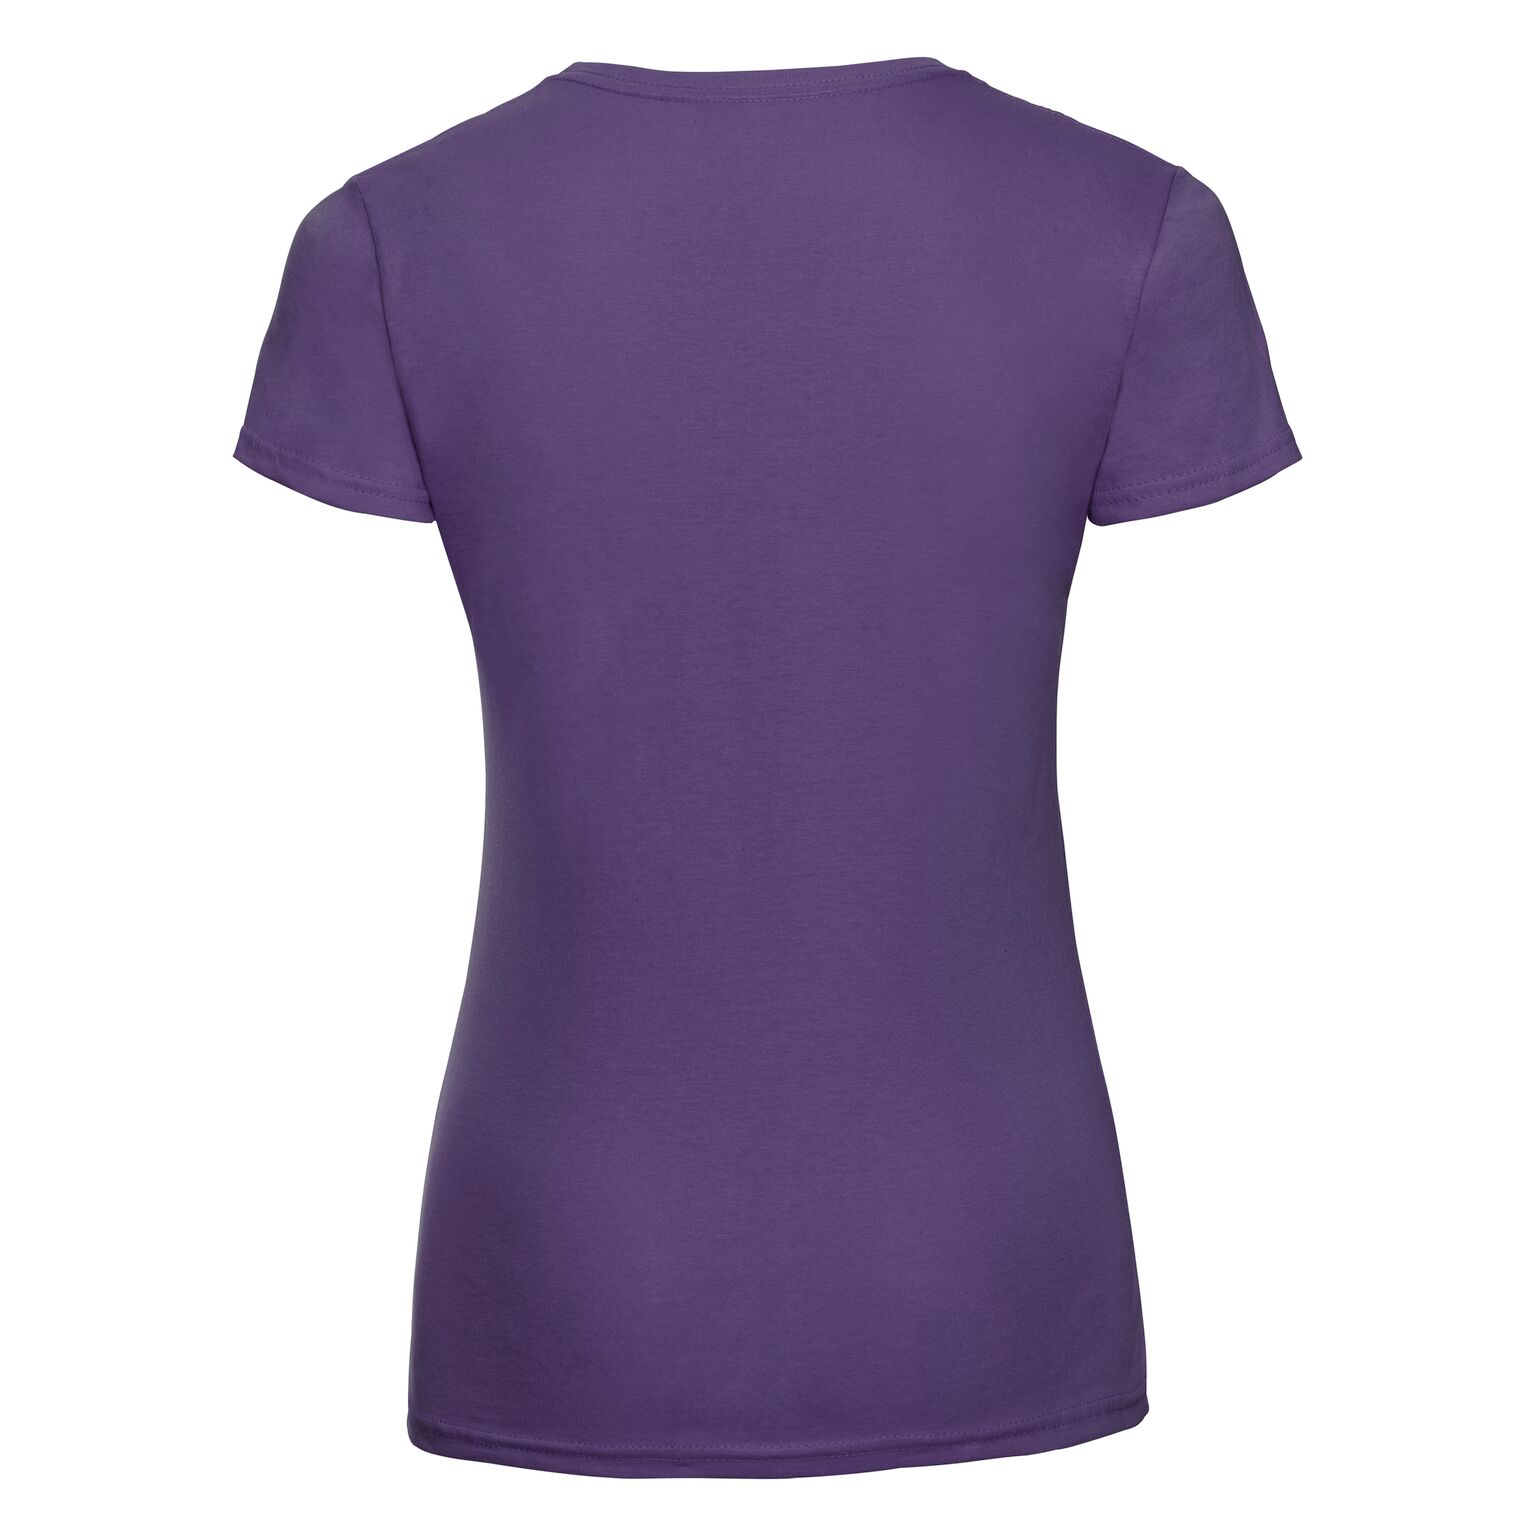 05_j155f_violet--0-0--5cb5437b-e498-4536-ba3e-e552885c9c74